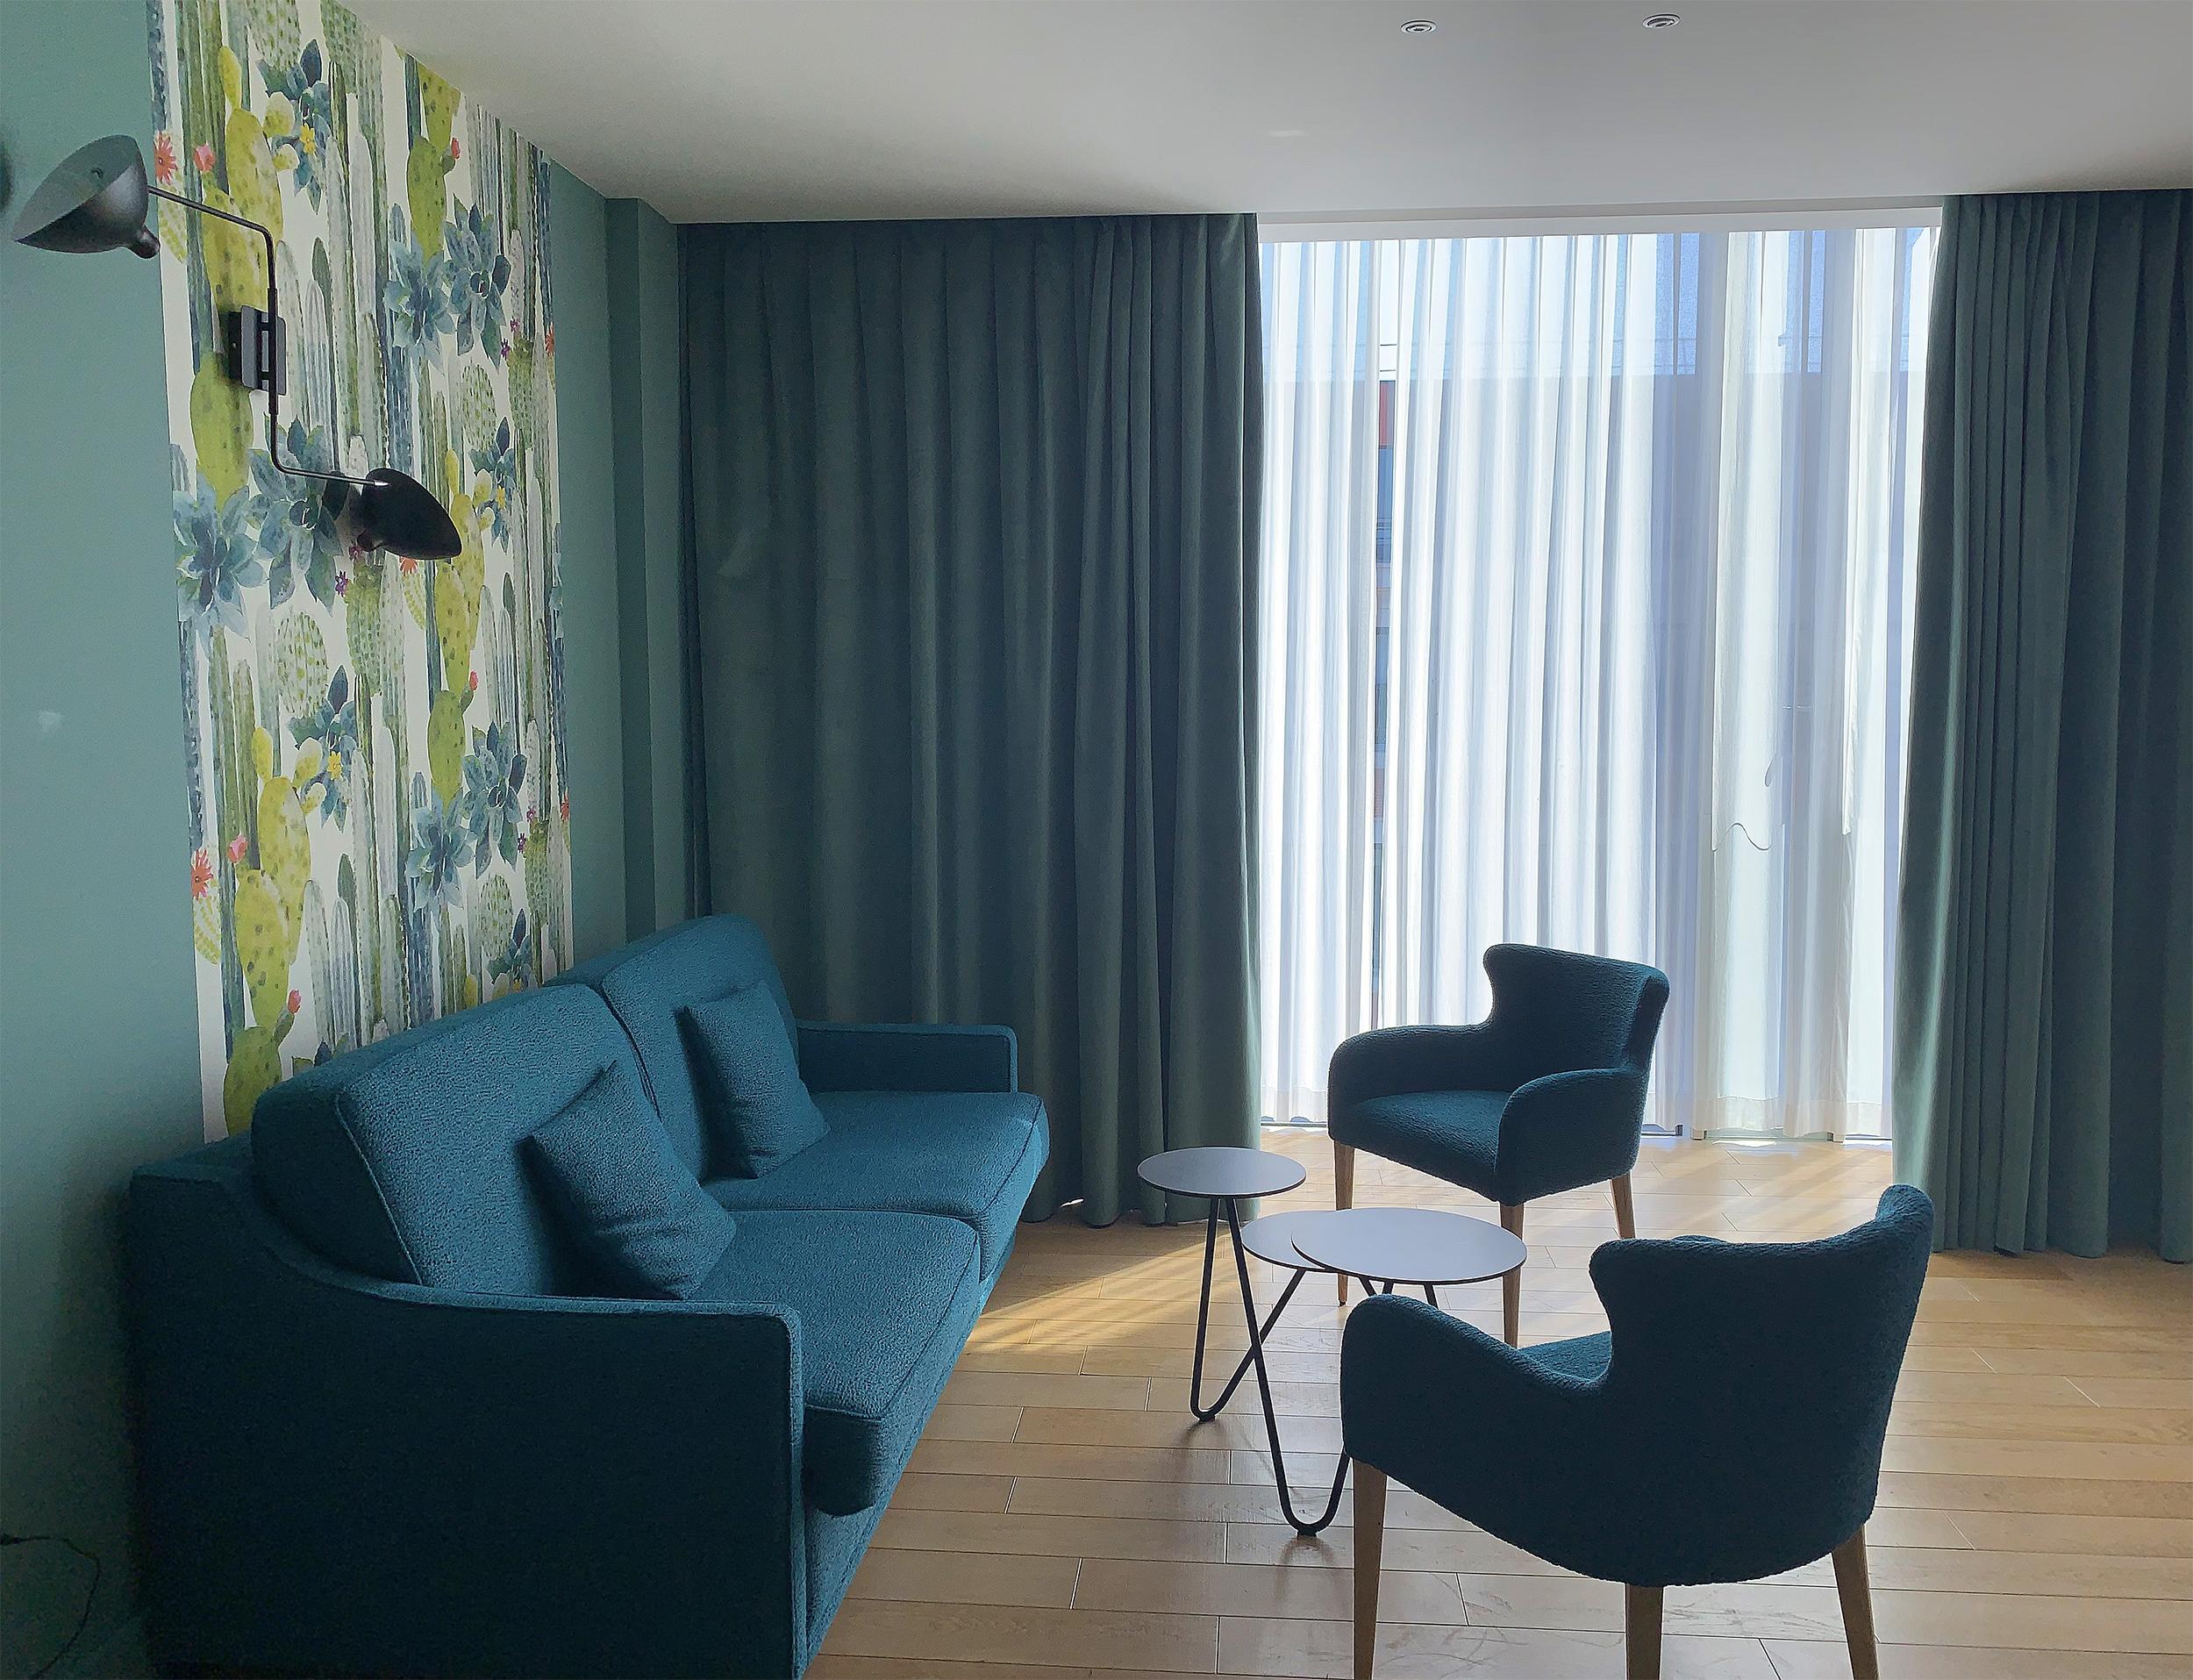 blogueur hotels, blog voyage haut de gamme, les meilleurs hotels avis, meilleurs hotels de luxe blog